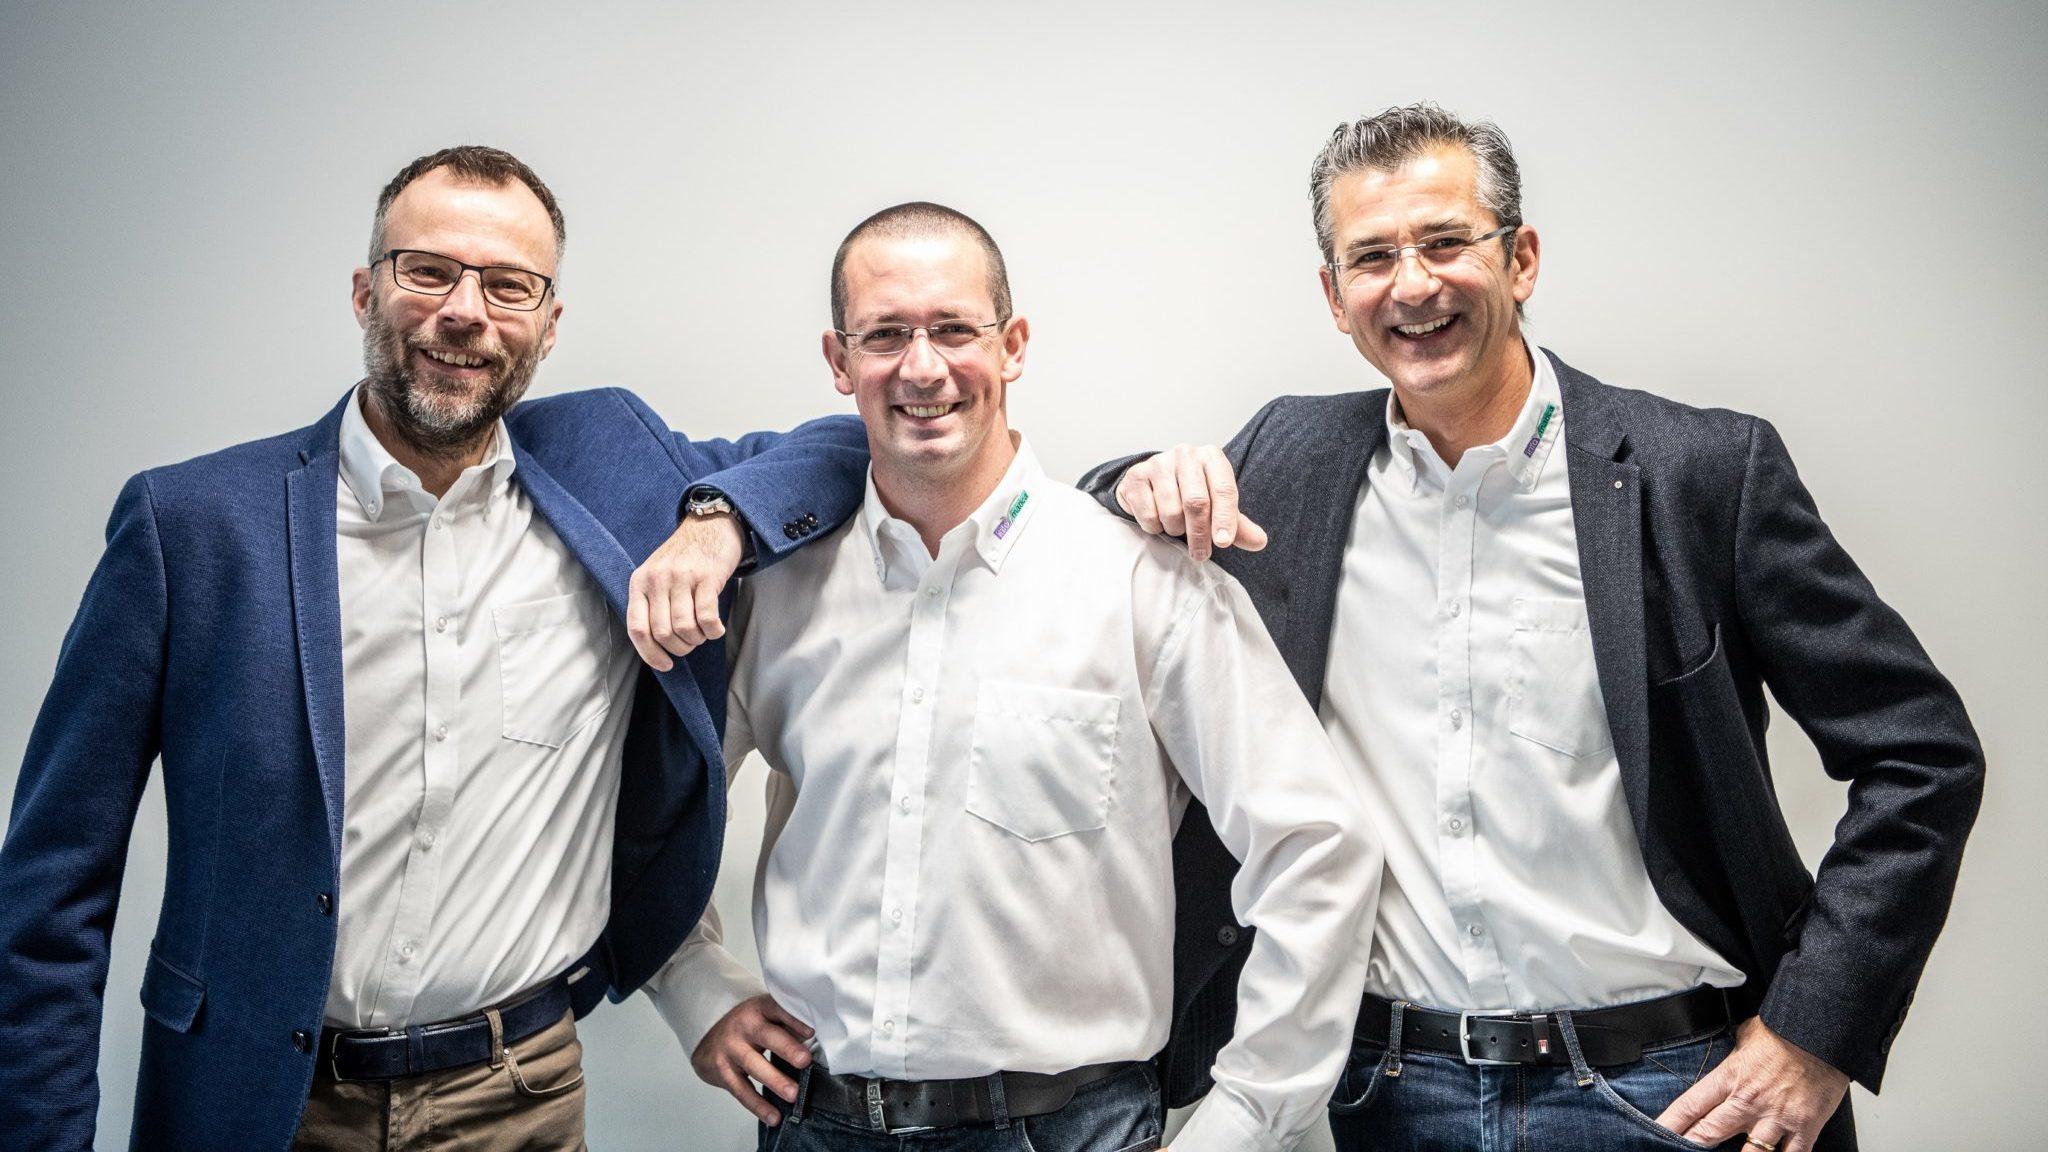 v. l. n. r.: Andrea Schlegel (Geschäftsführer & Mehrheitsaktionär), Florian Käser (Leiter Betrieb), Bruno Rüegg (Stv. Geschäftsführer / Leiter Kundenbetreuung)